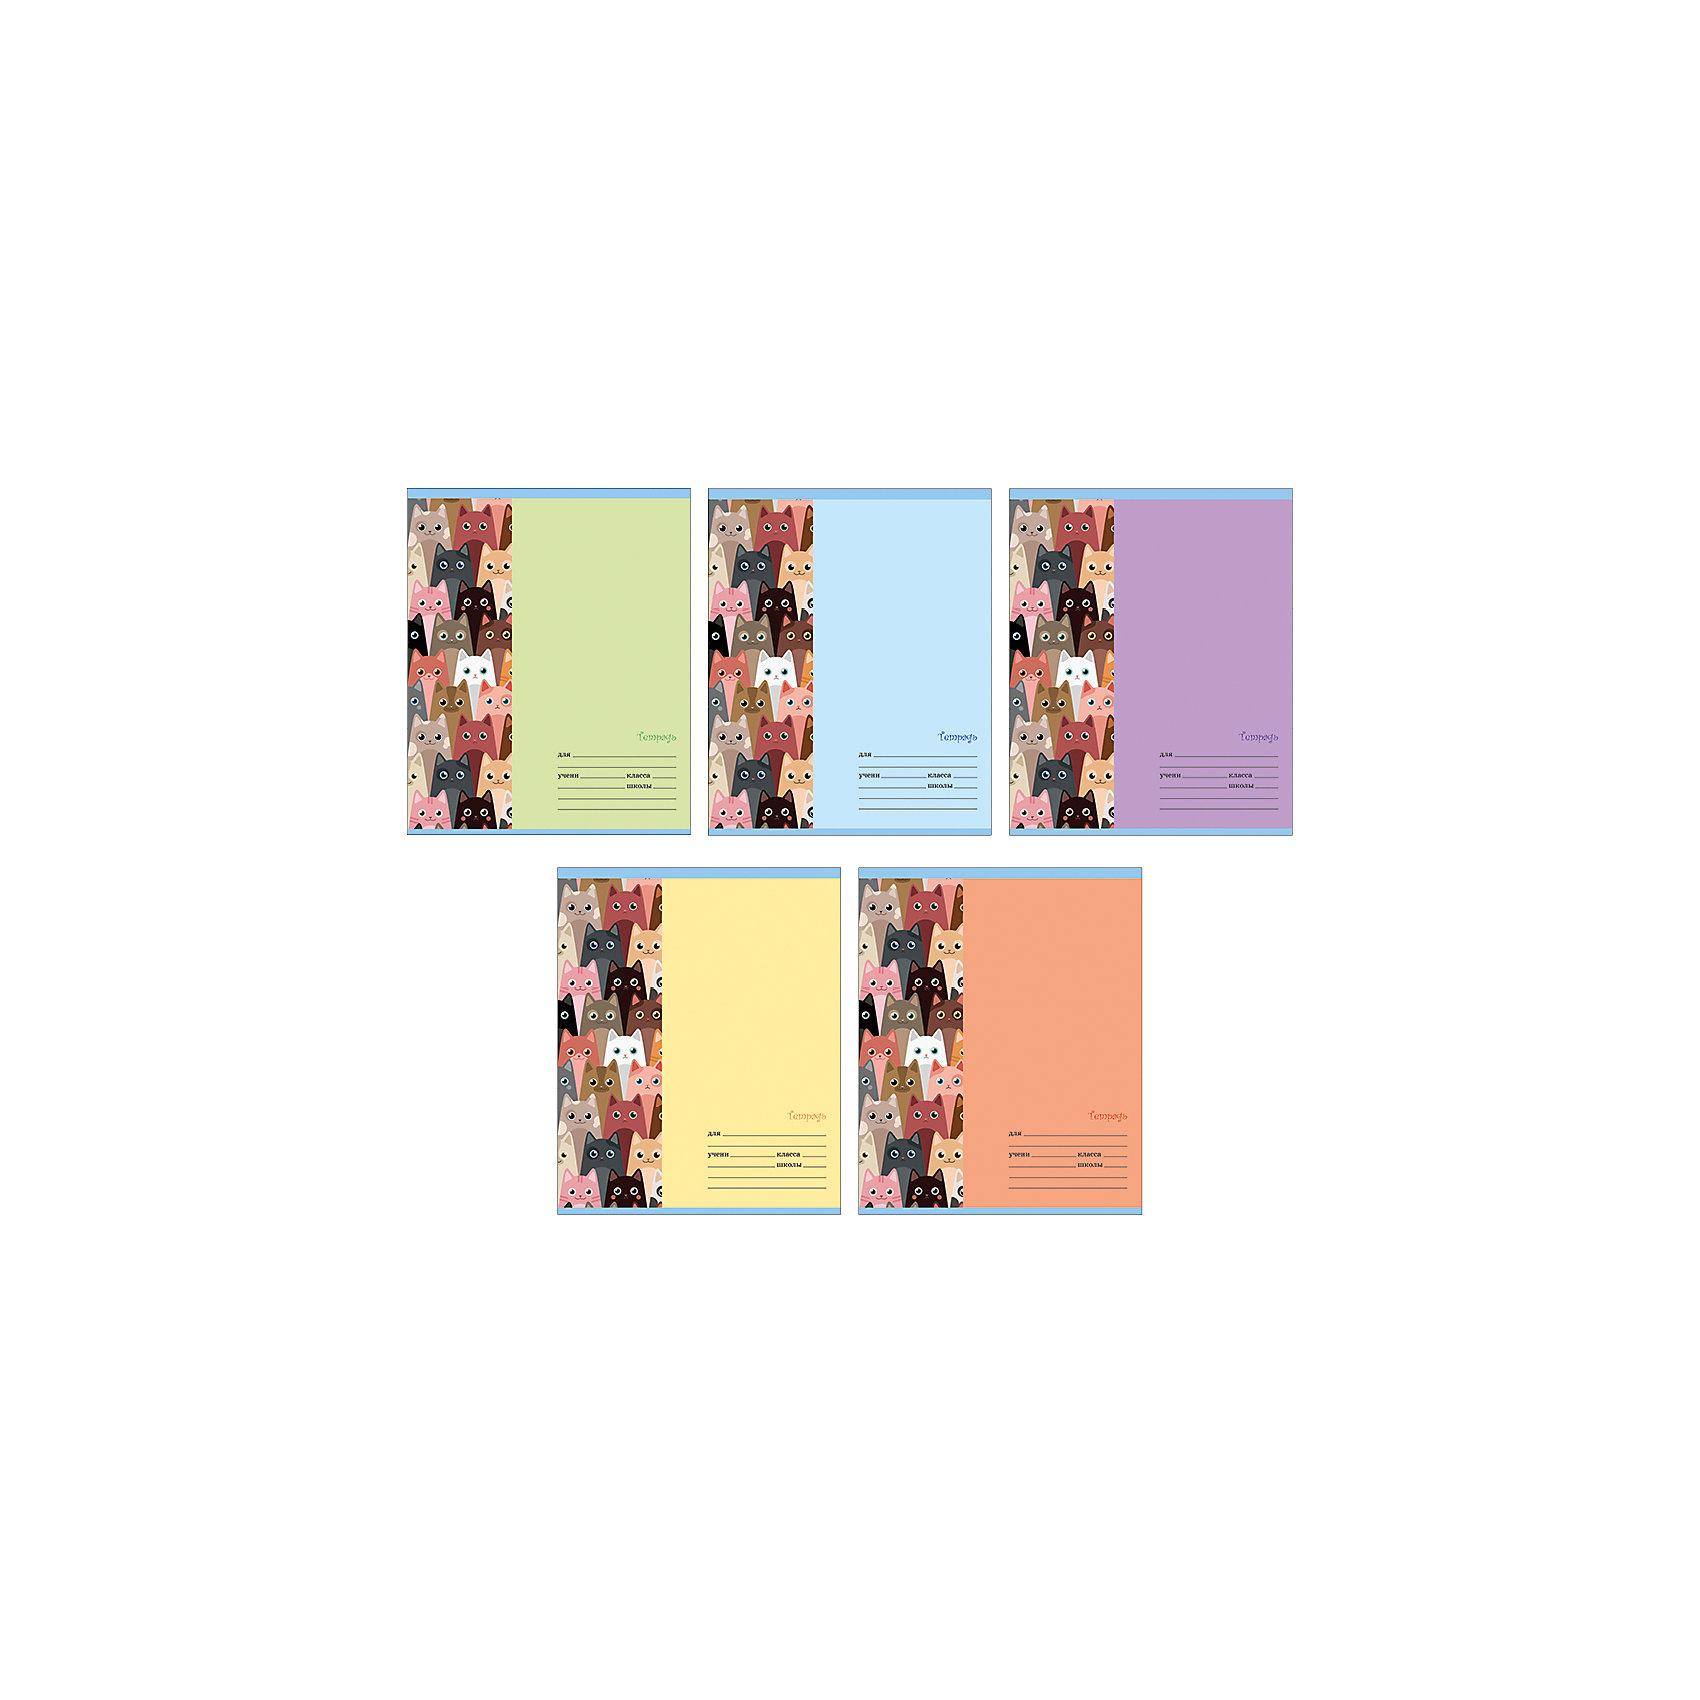 Комплект тетрадей Кошка (10 шт), 24 листа, Канц-ЭксмоХарактеристики комплекта тетрадей Кошка:<br><br>• размеры: 20.2х16.3х3.5 см<br>• количество листов: 24 шт.<br>• разлиновка: линейка<br>• формат: А 5 <br>• комплектация: тетрадь<br>• бумага: офсет, плотностью 60 г/м2.<br>• бренд: Канц-Эксмо<br>• страна бренда: Россия<br>• страна производителя: Россия<br><br>Комплект тетрадей Кошка от российского производителя Канц-Эксмо выполнен в формате А5. Количество листов 24, тетради в линейку с полями. Крепление: скрепка. Обложка у изделий плотная - мелованный картон, выборочный лак.<br><br>Комплект тетрадей Кошка от российского производителя Канц-Эксмо можно купить в нашем интернет-магазине.<br><br>Ширина мм: 202<br>Глубина мм: 163<br>Высота мм: 40<br>Вес г: 66<br>Возраст от месяцев: 72<br>Возраст до месяцев: 2147483647<br>Пол: Женский<br>Возраст: Детский<br>SKU: 5448403